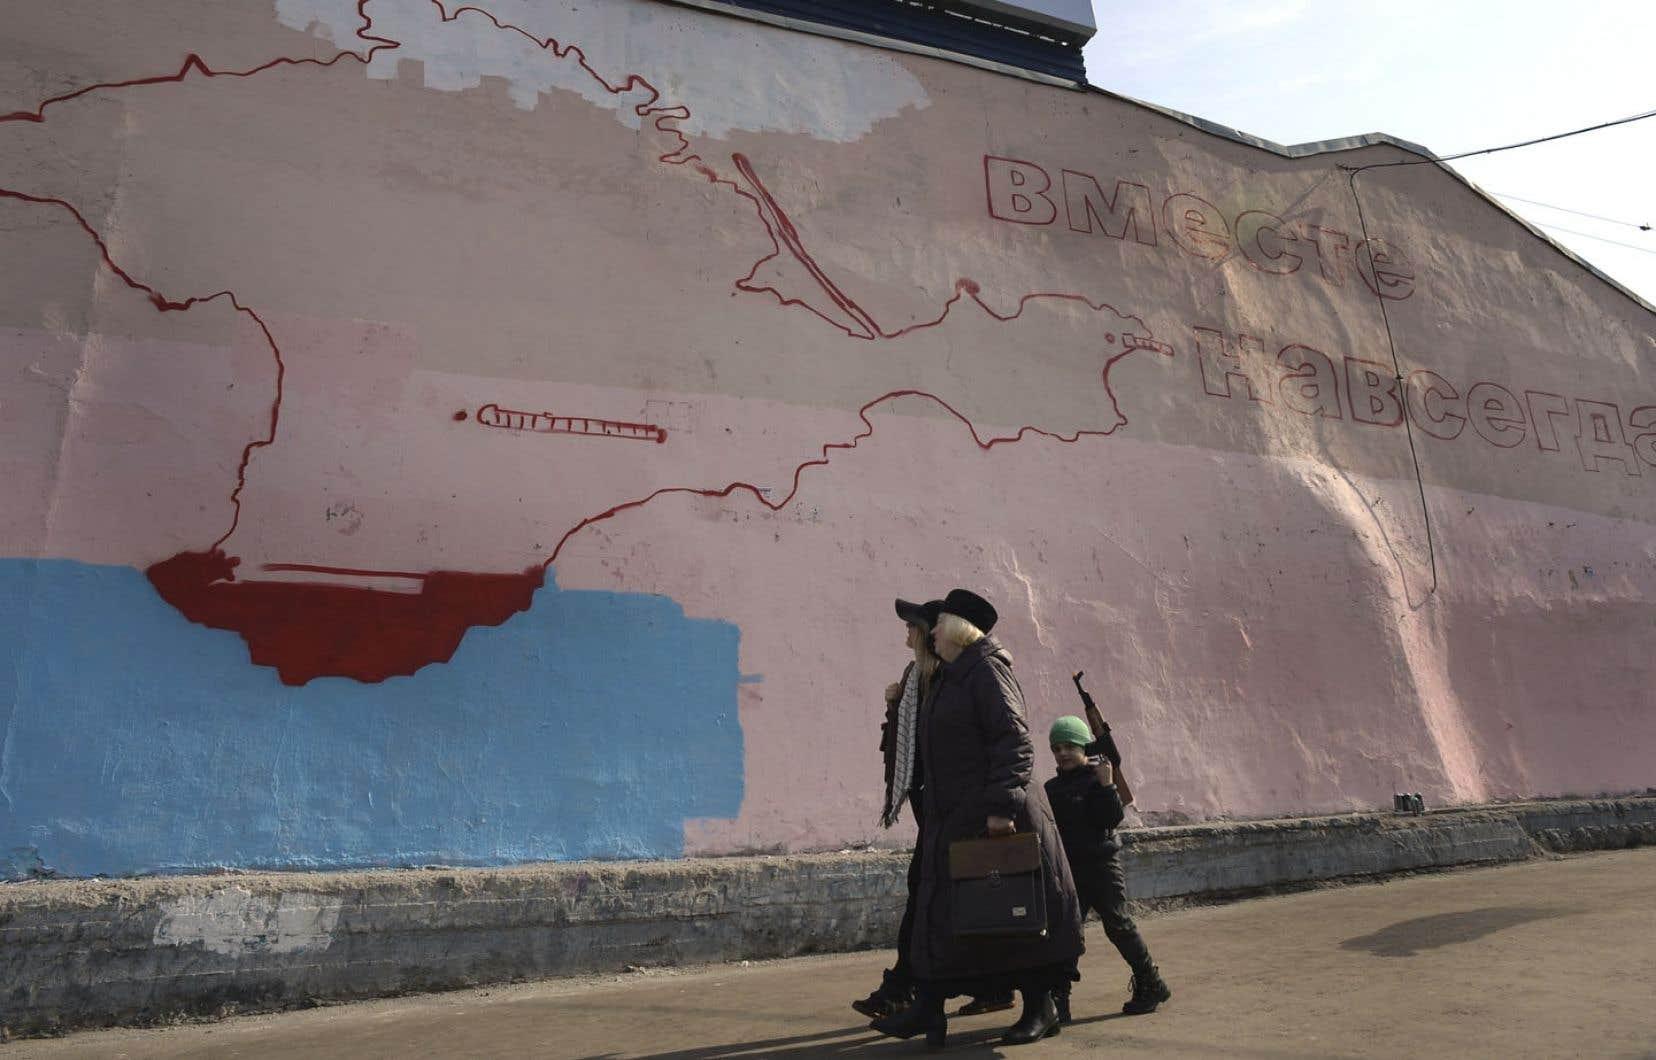 À Moscou, deux femmes et un enfant — kalachnikov jouet à la main — passent devant une murale inachevée montrant la péninsule de Crimée avec un slogan: «Uni pour toujours».